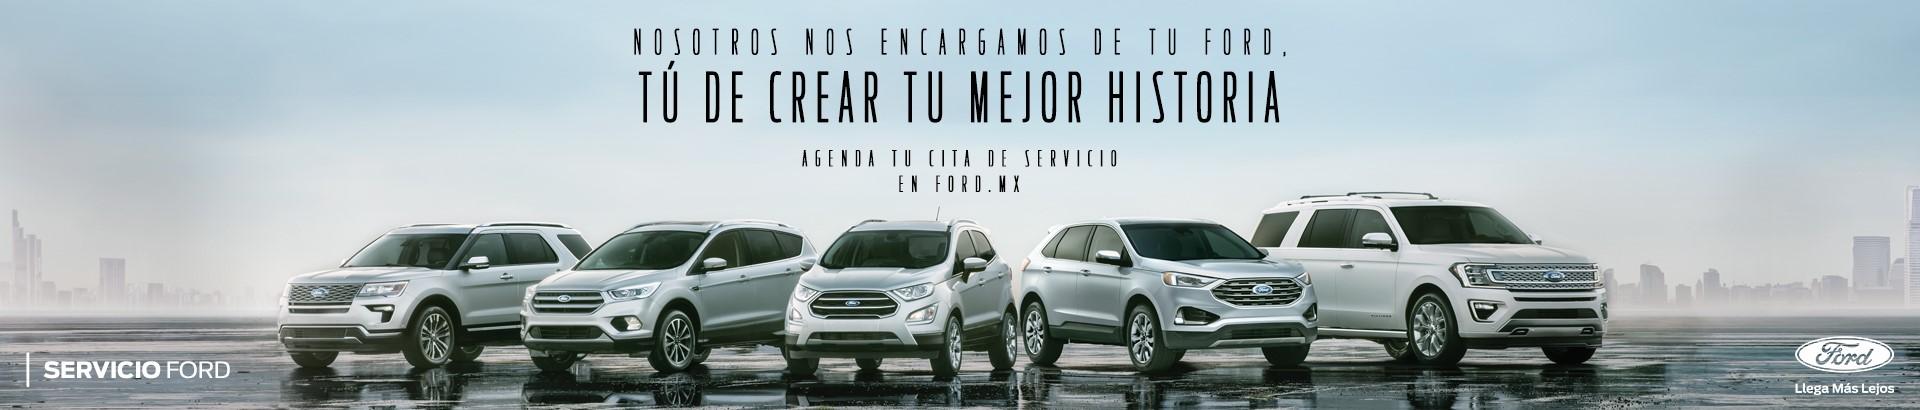 Ford Dinastía Oaxaca